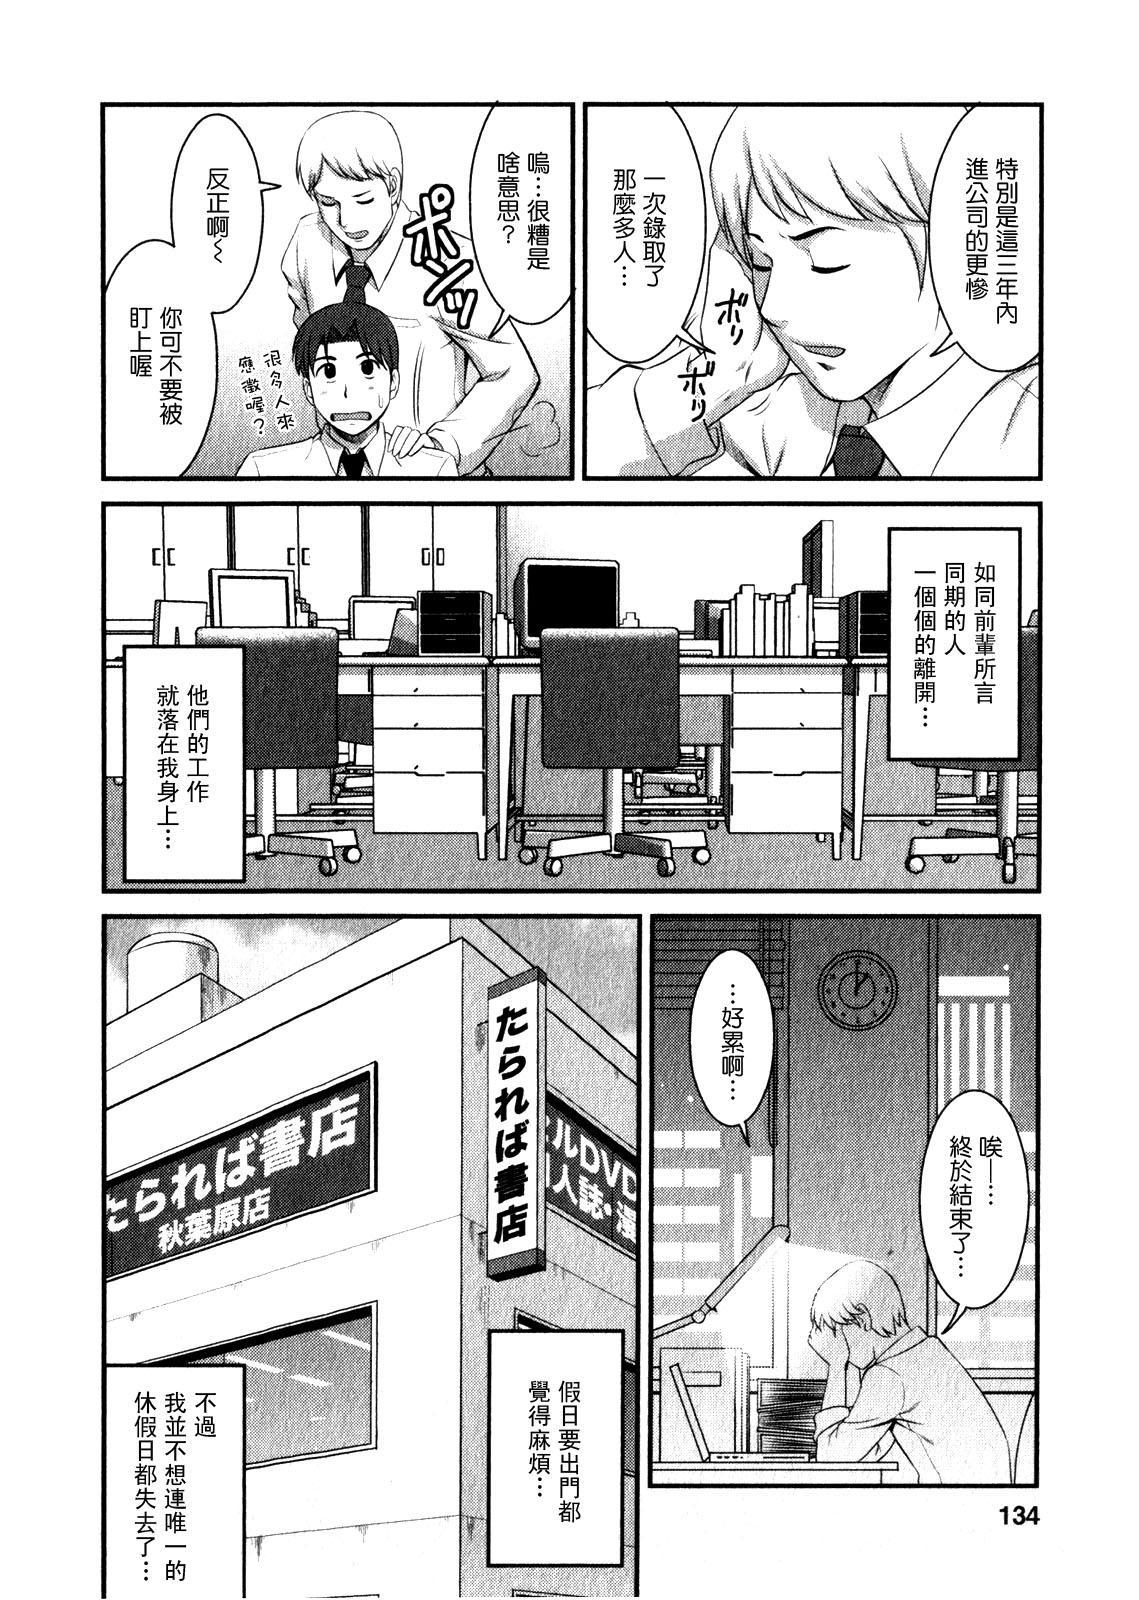 Otaku no Megami-san 1 131